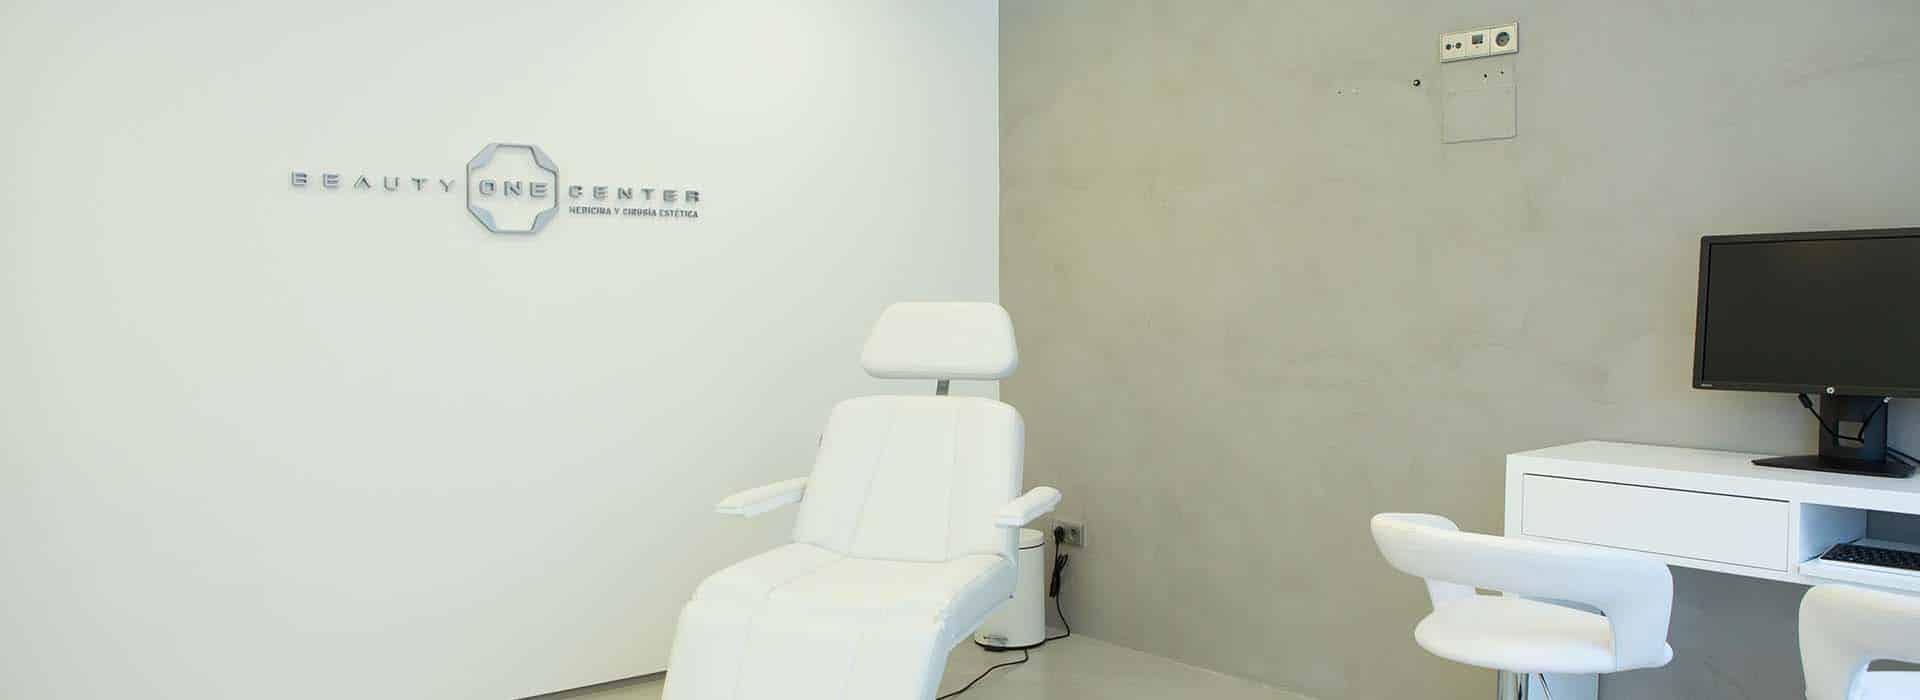 clinica de cirugía y estetica en madrid